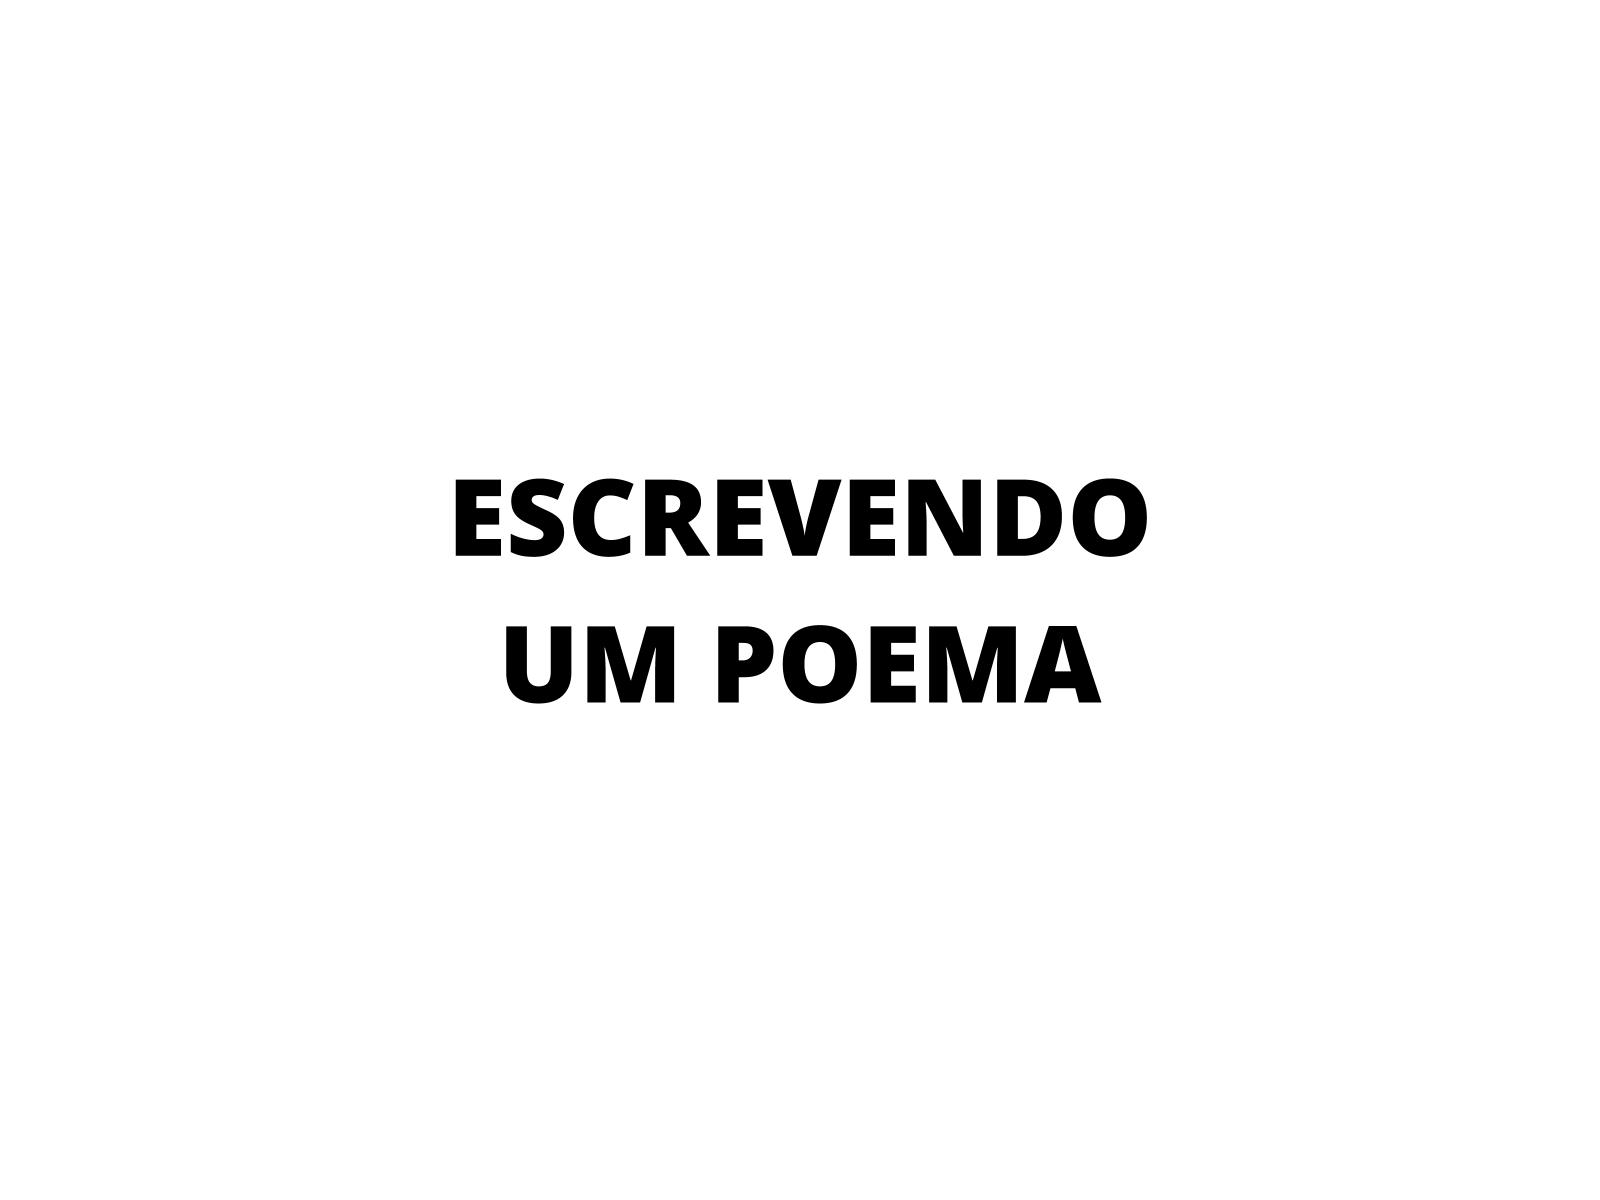 Escrevendo poemas